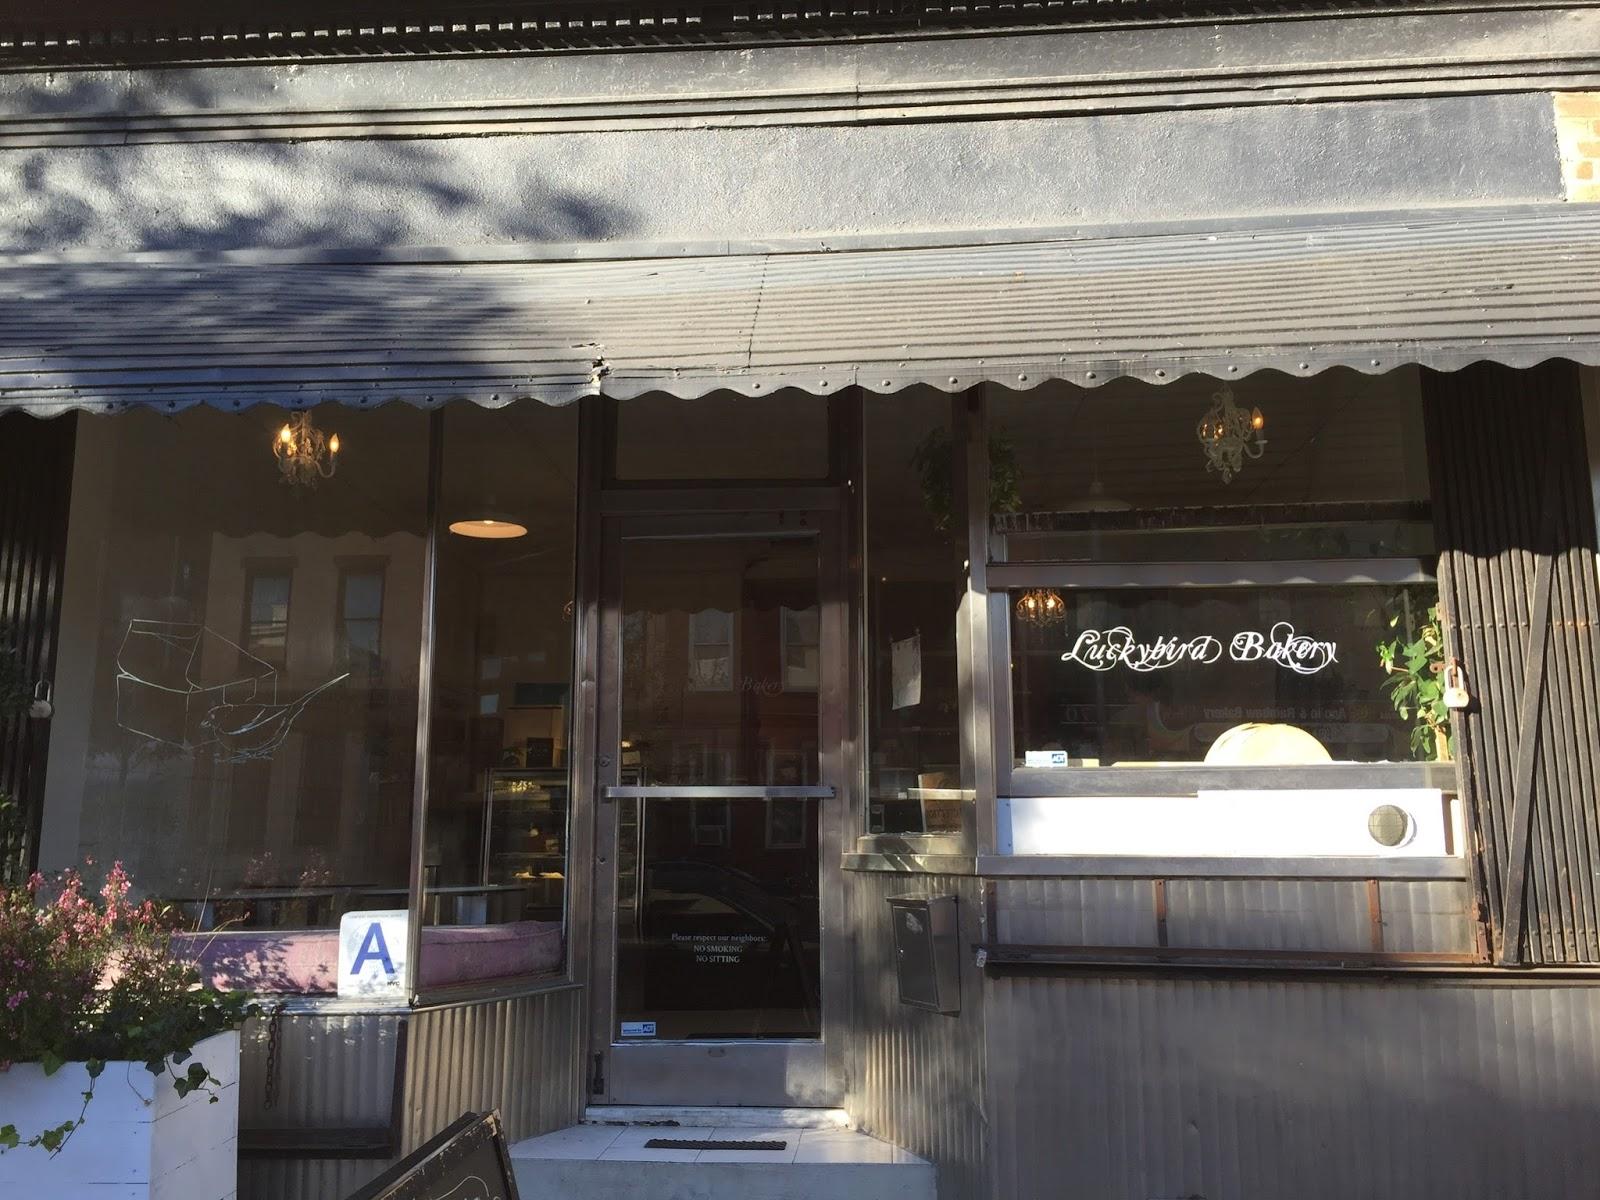 Luckybird Bakery / ラッキーバ...